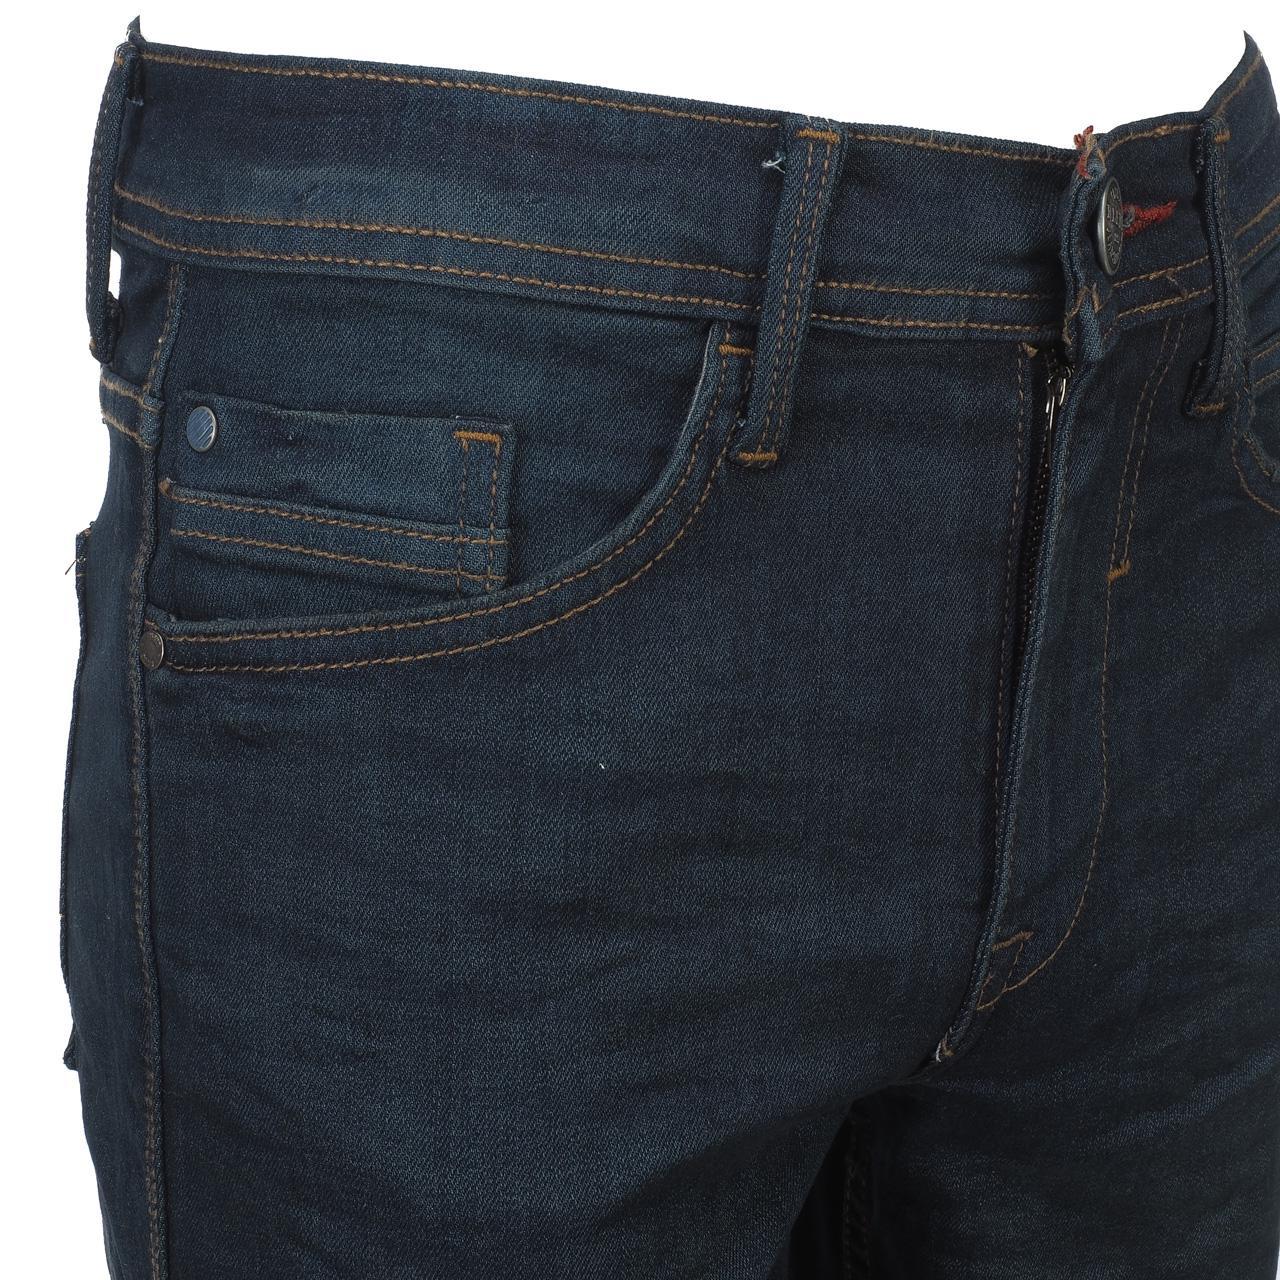 Jeans-Pants-Slim-Blend-Twister-34-Dk-Blue-Blue-Jeans-10961-New thumbnail 3